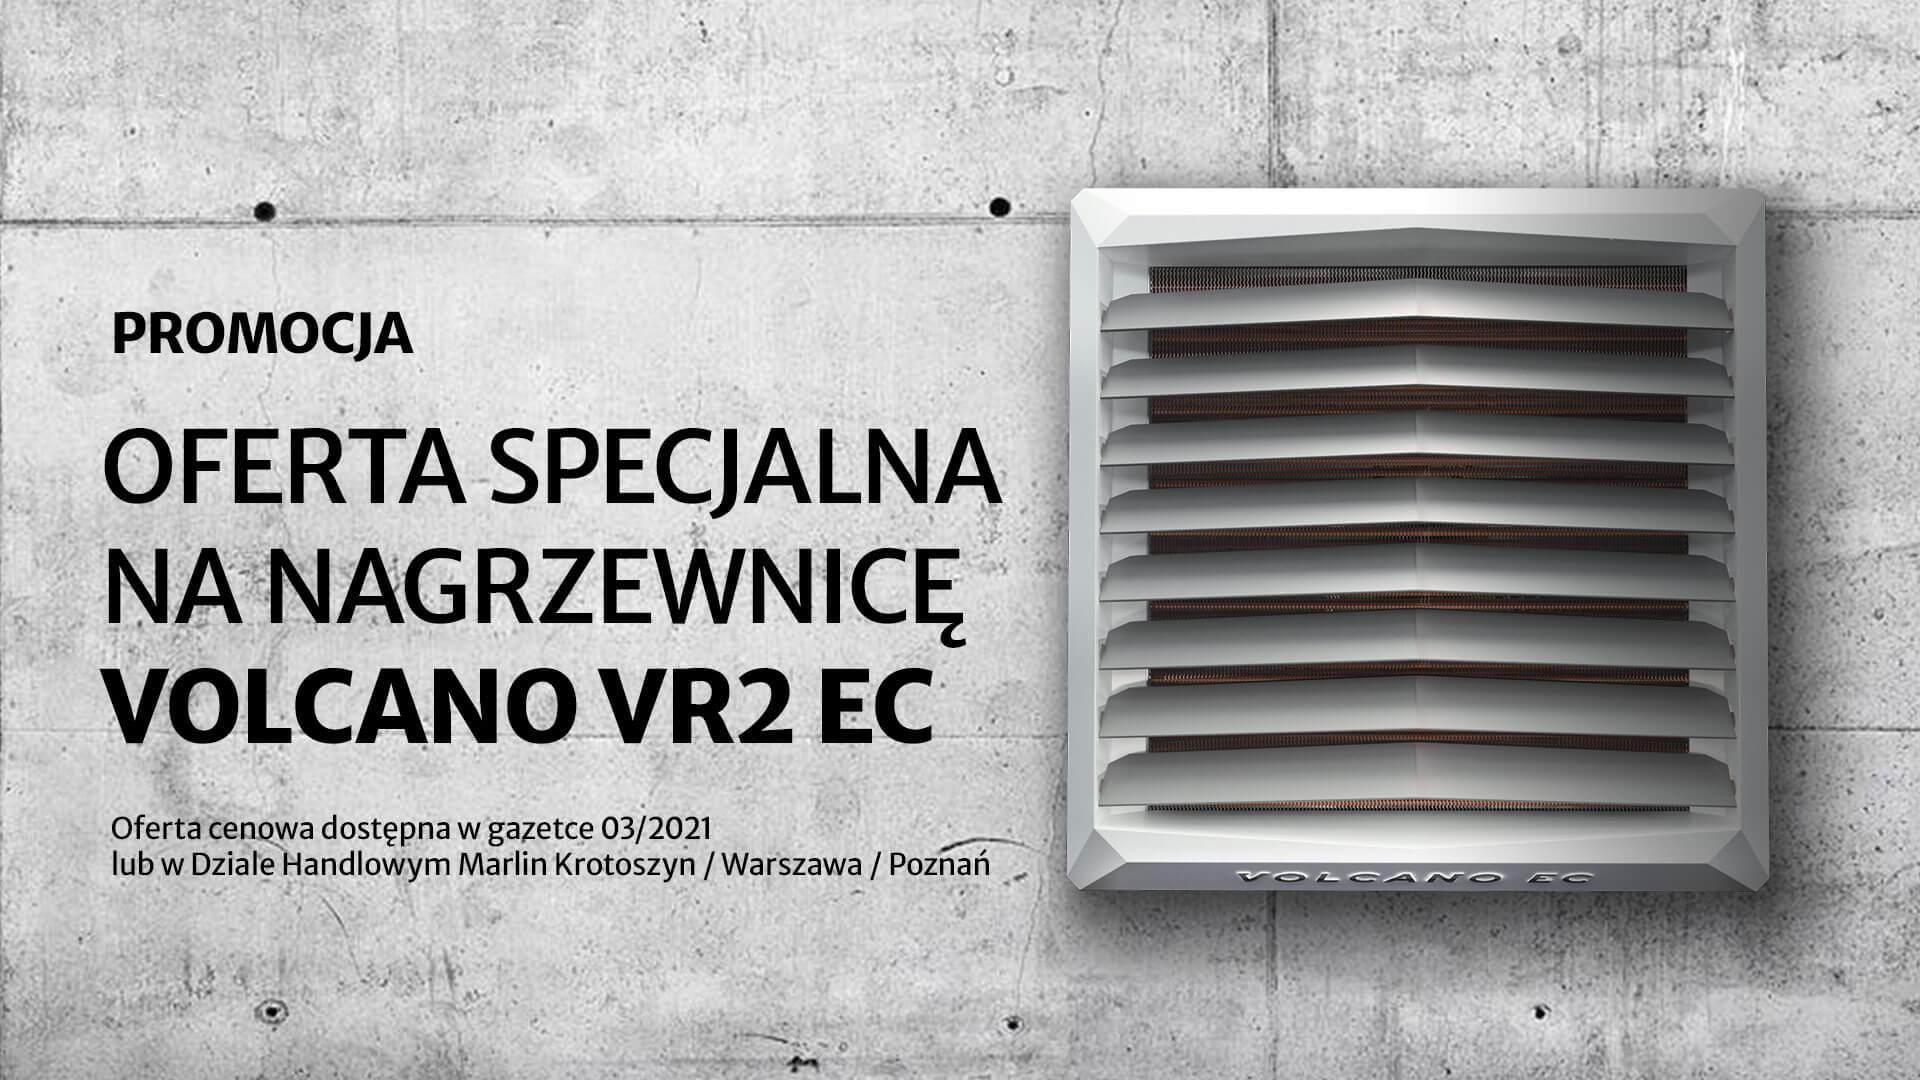 Promocja: nagrzewnica Volcano VR2 EC